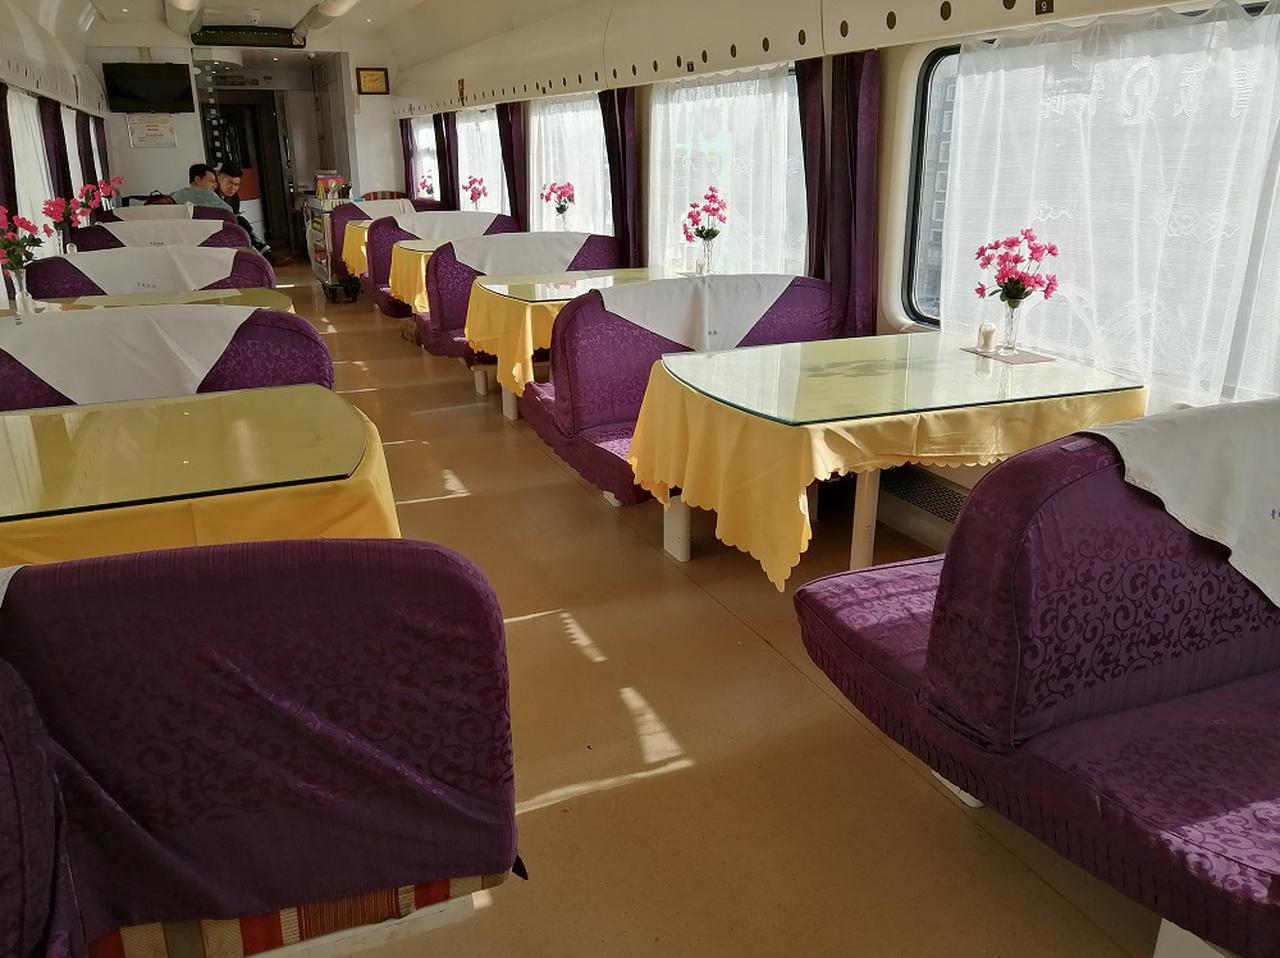 画像: 寝台列車の旅の華・食堂車。各テーブルに花も生けられ清潔です。